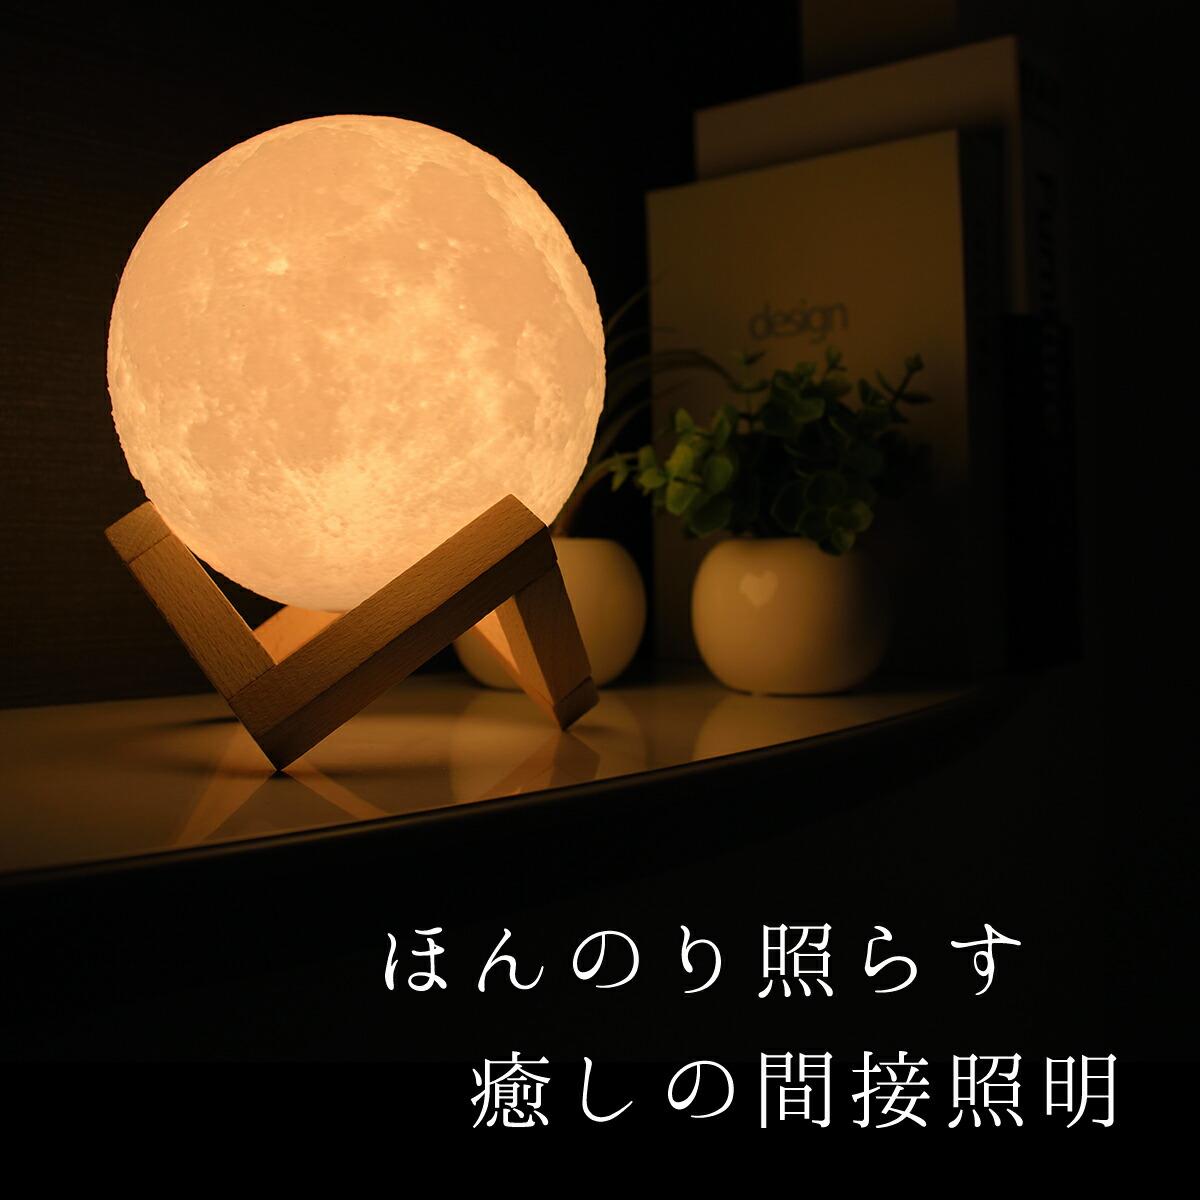 ほんのり照らす癒しの間接照明